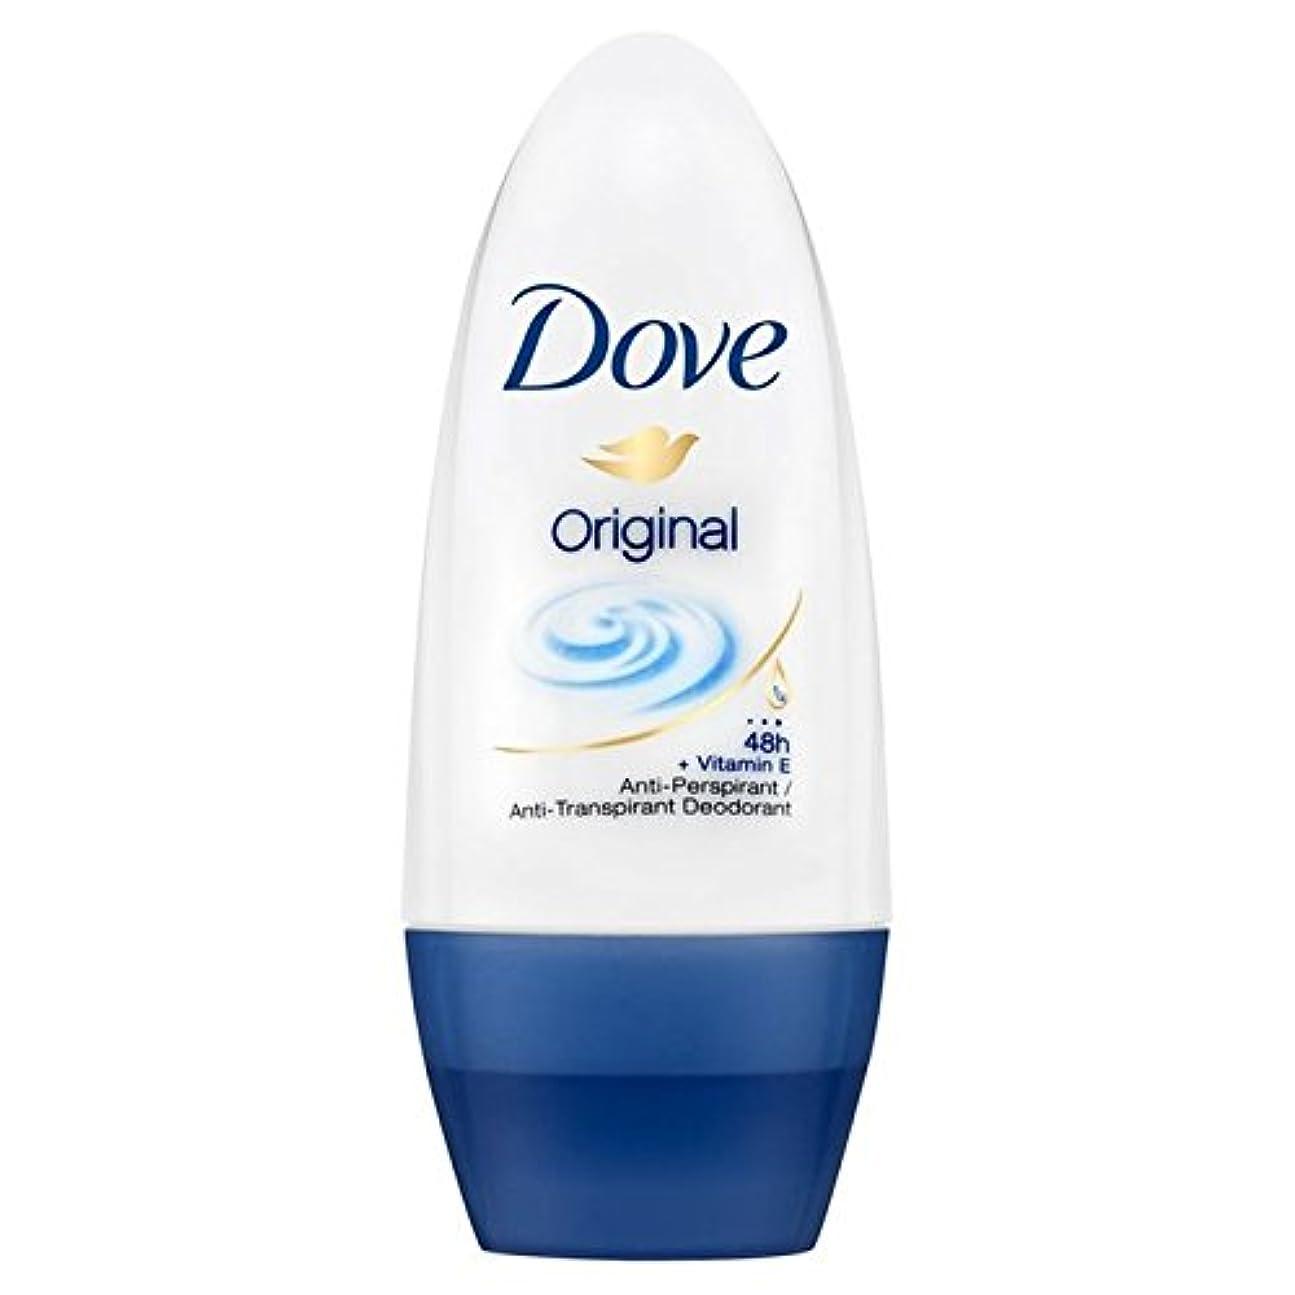 構成やろう圧倒的Dove Original Roll-On Anti-Perspirant Deodorant 50ml - 鳩のオリジナルロールオン制汗デオドラント50ミリリットル [並行輸入品]